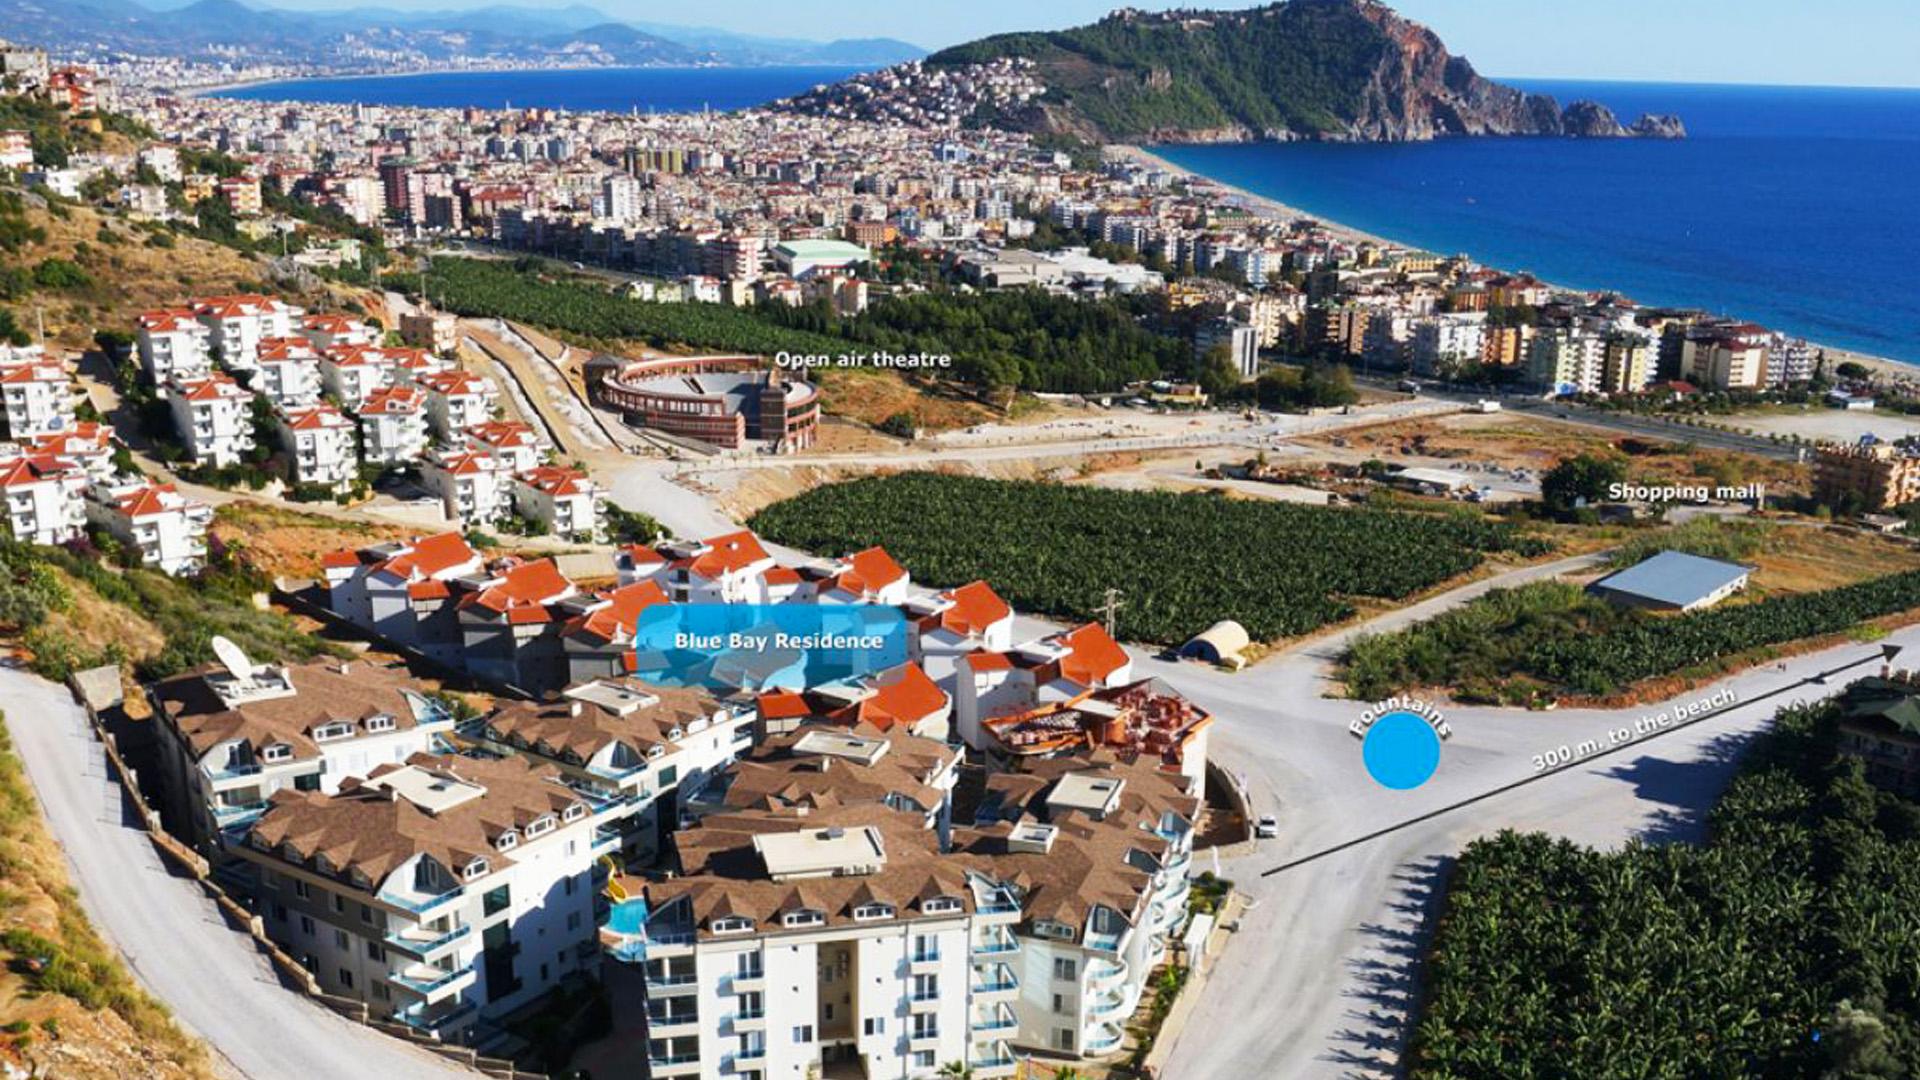 Vind snel een woning | Huurwoningen in Alanya